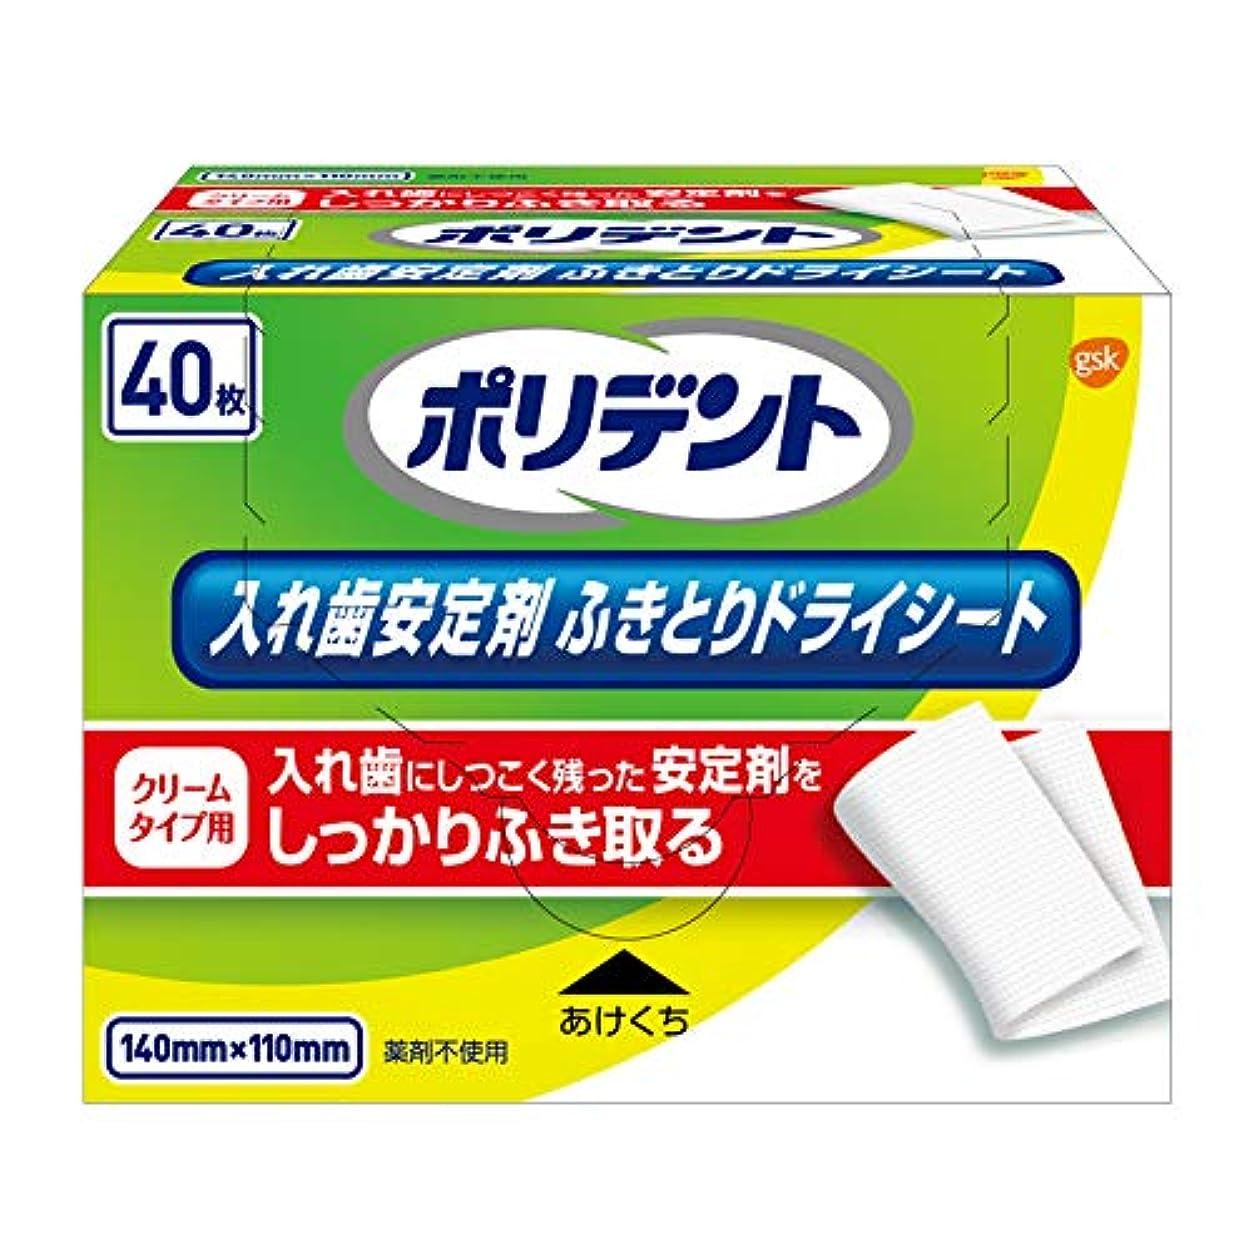 水を飲むキモいくびれたポリデント 入れ歯安定剤ふきとりドライシート 40枚